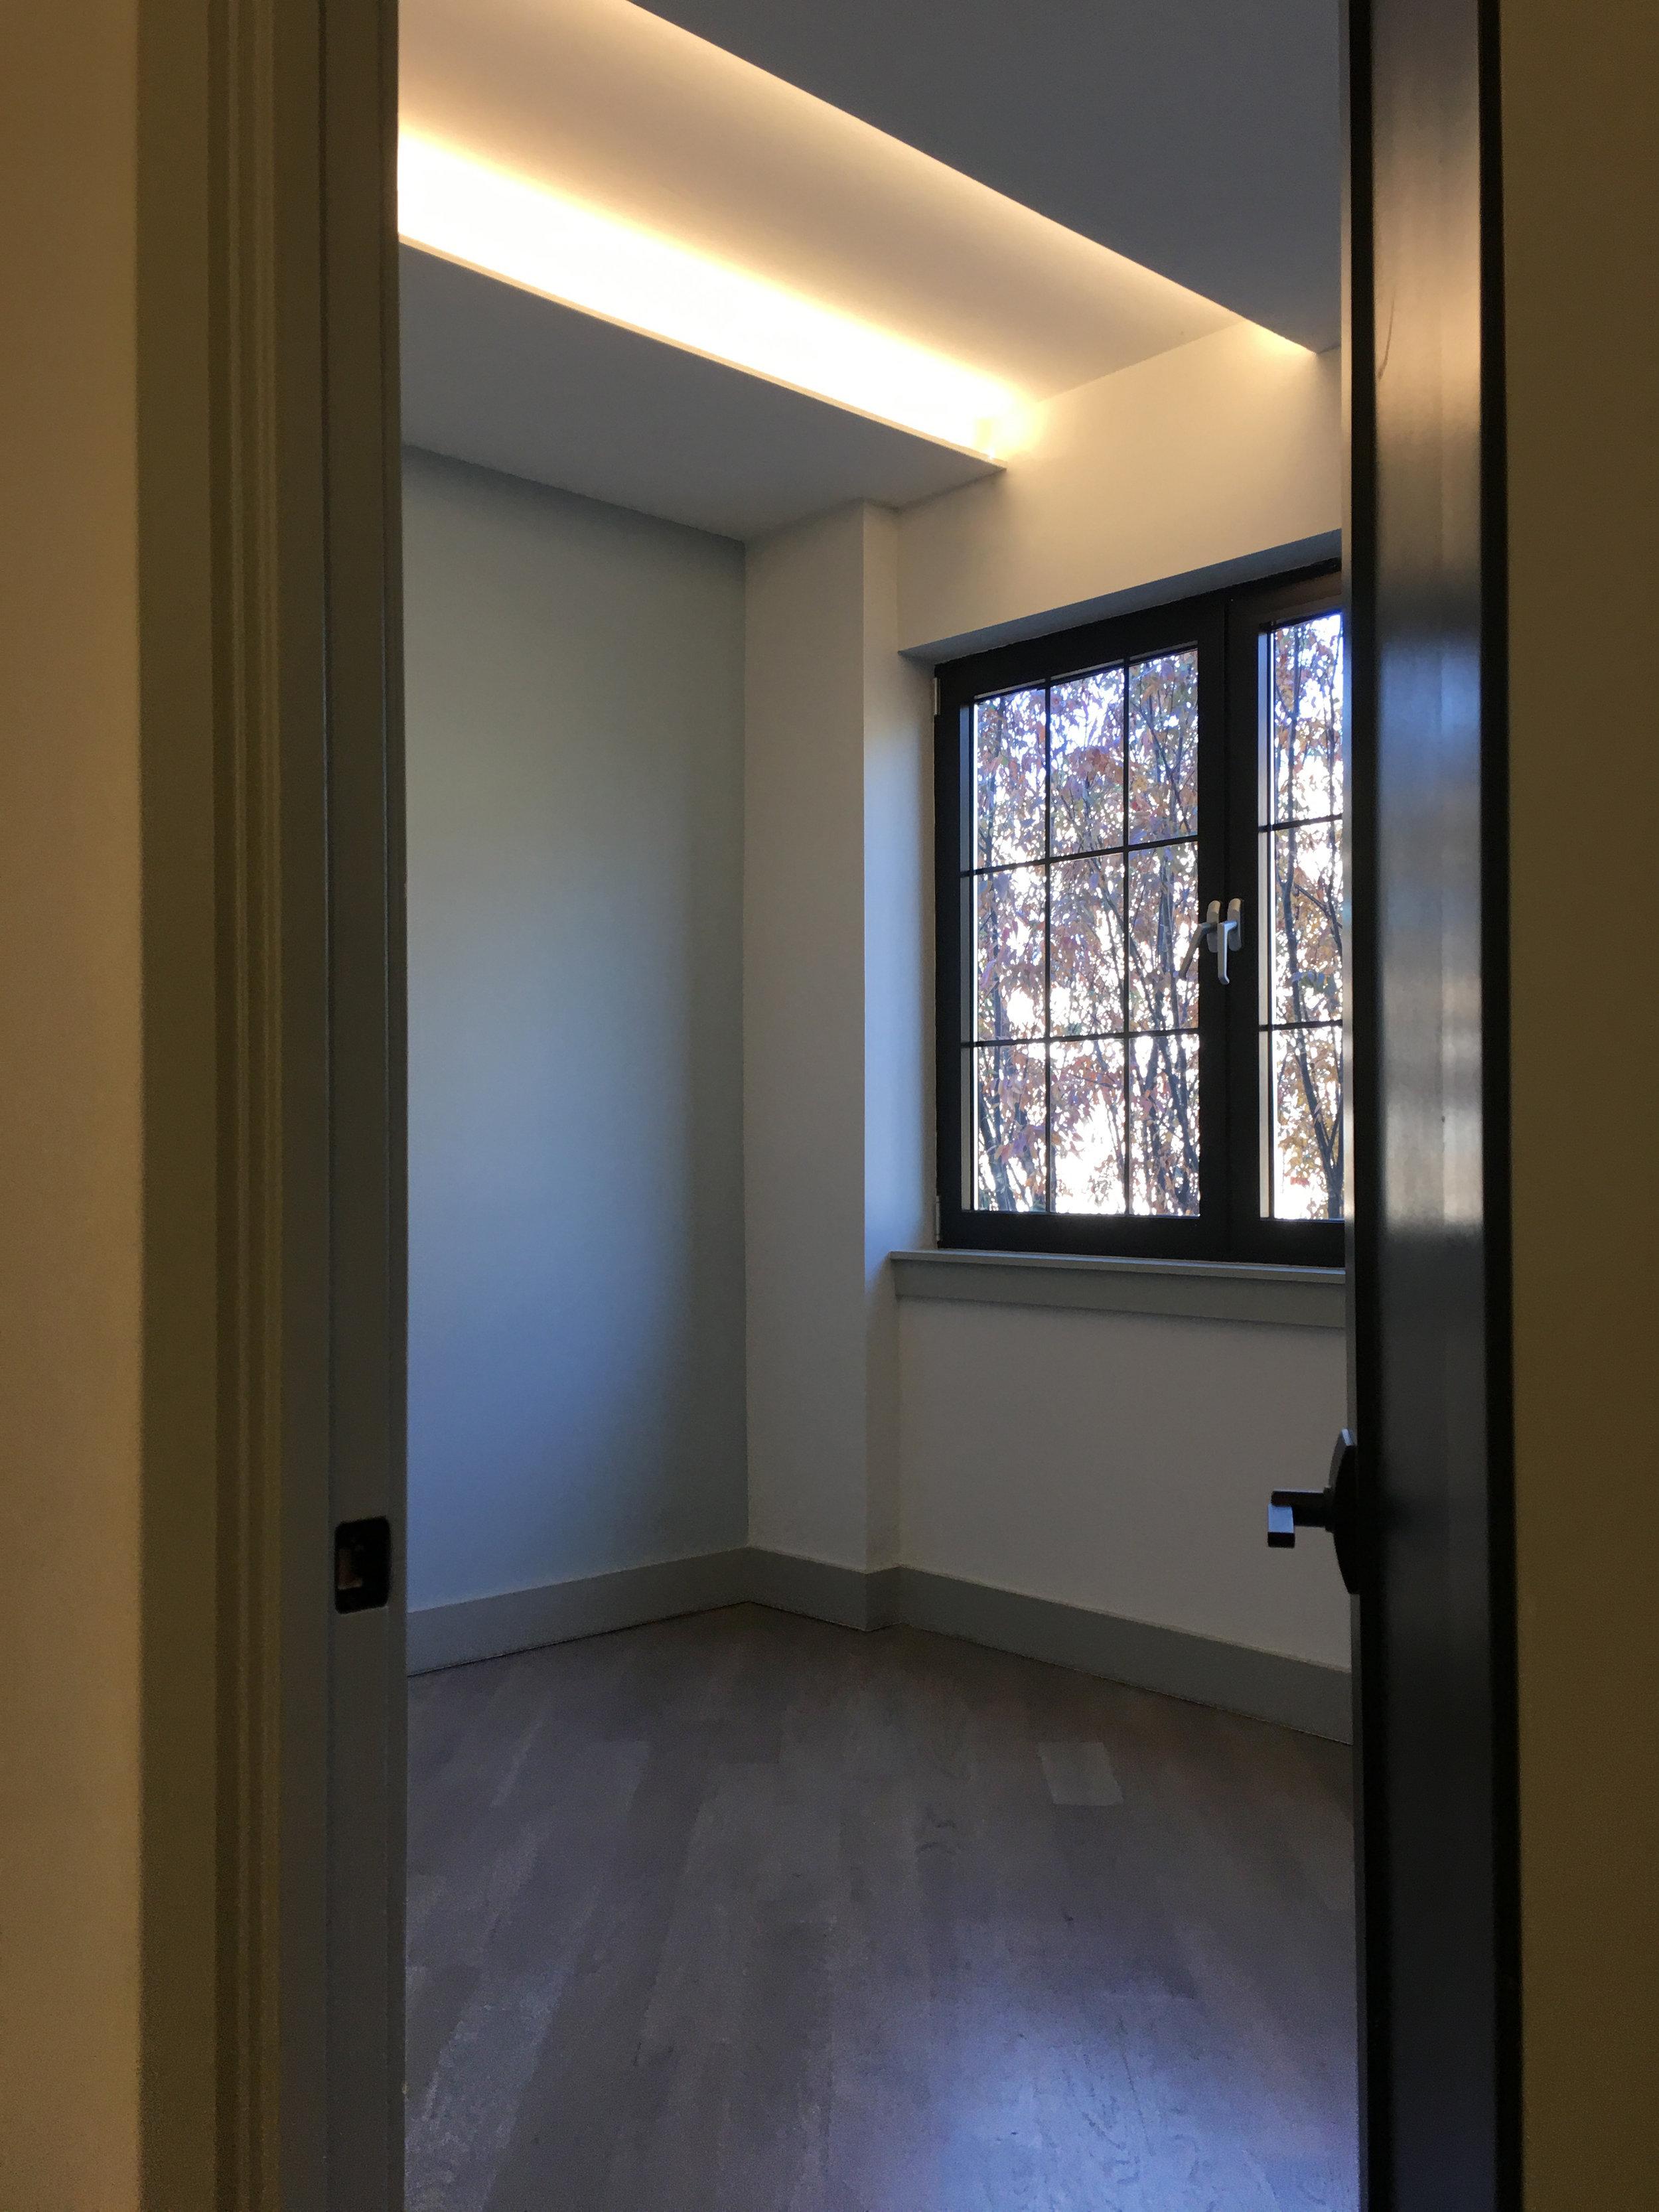 Scholes_St_102_Bk-Bedroom_1.jpg